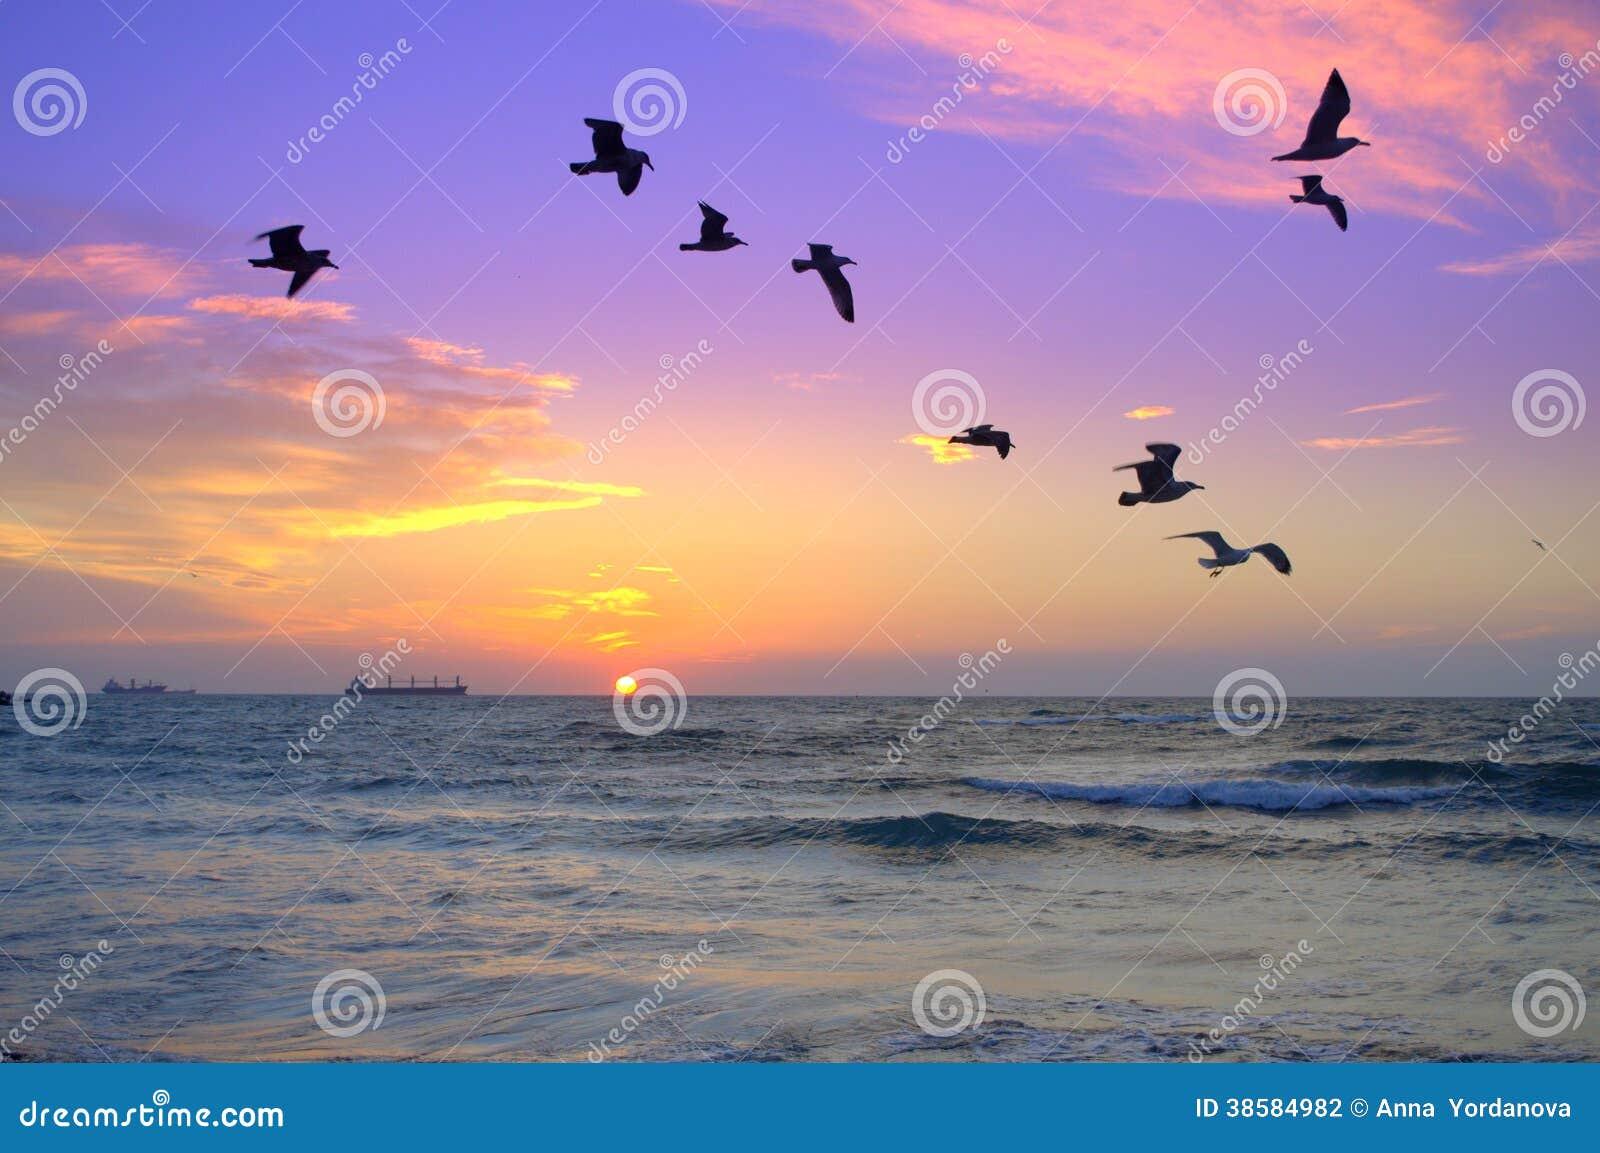 Menge von Vögeln im Hintergrund des Seesonnenaufgangs